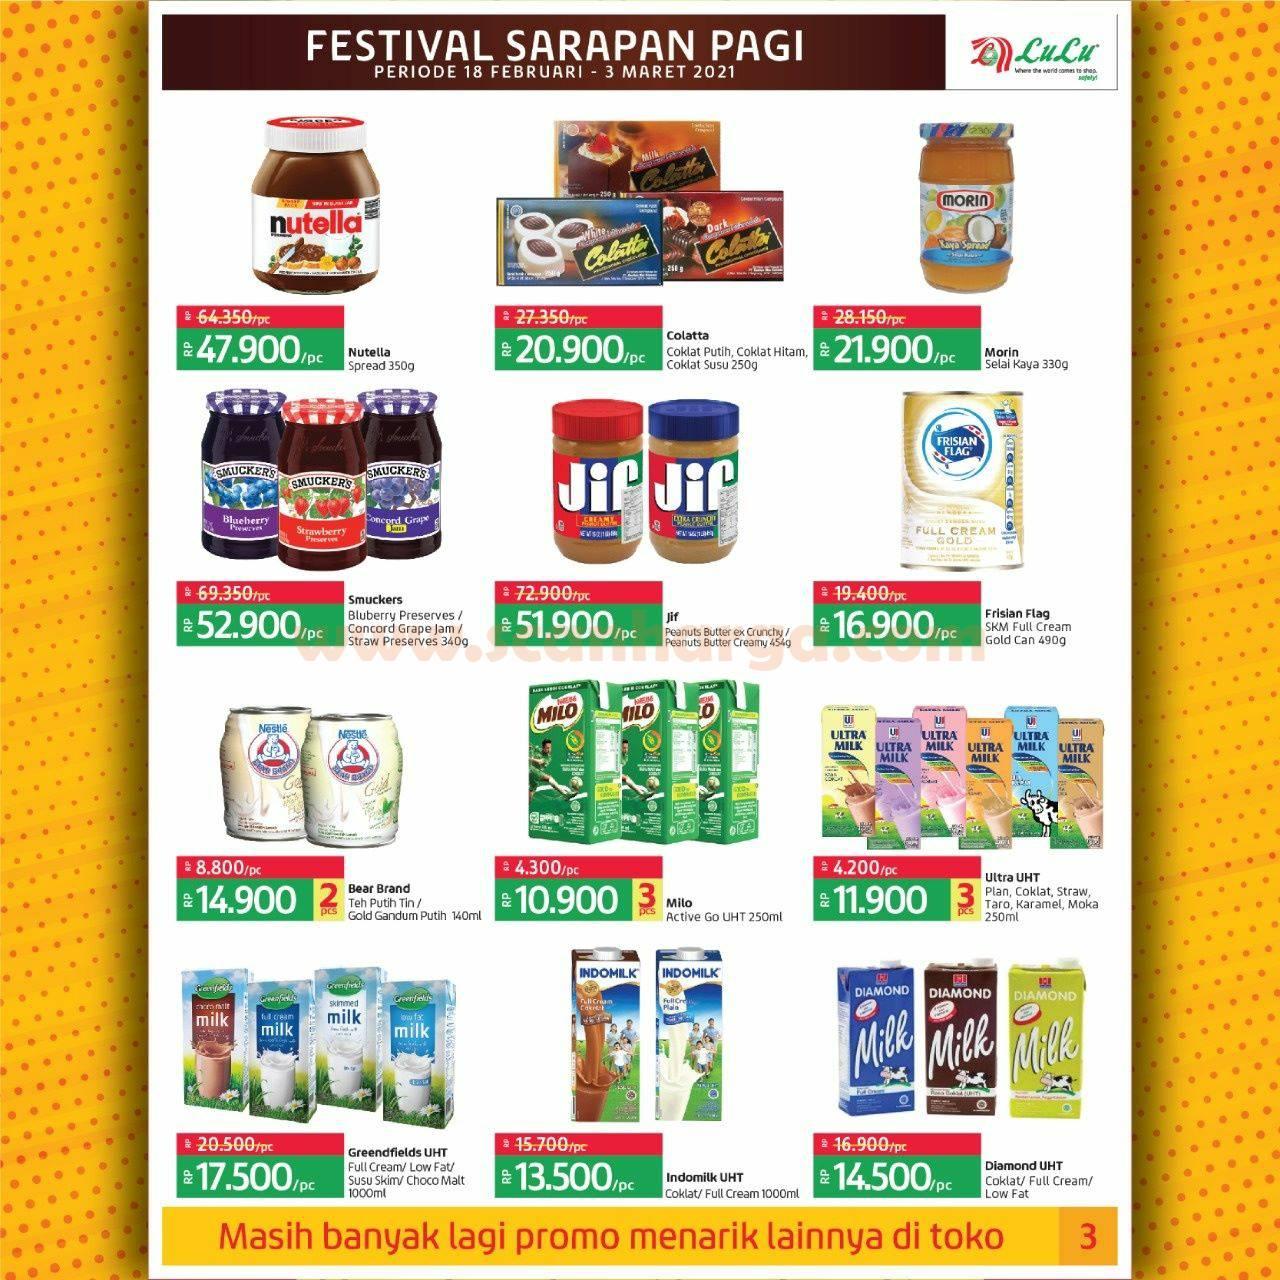 Katalog Promo LULU Supermarket 18 Februari - 3 Maret 2021 3